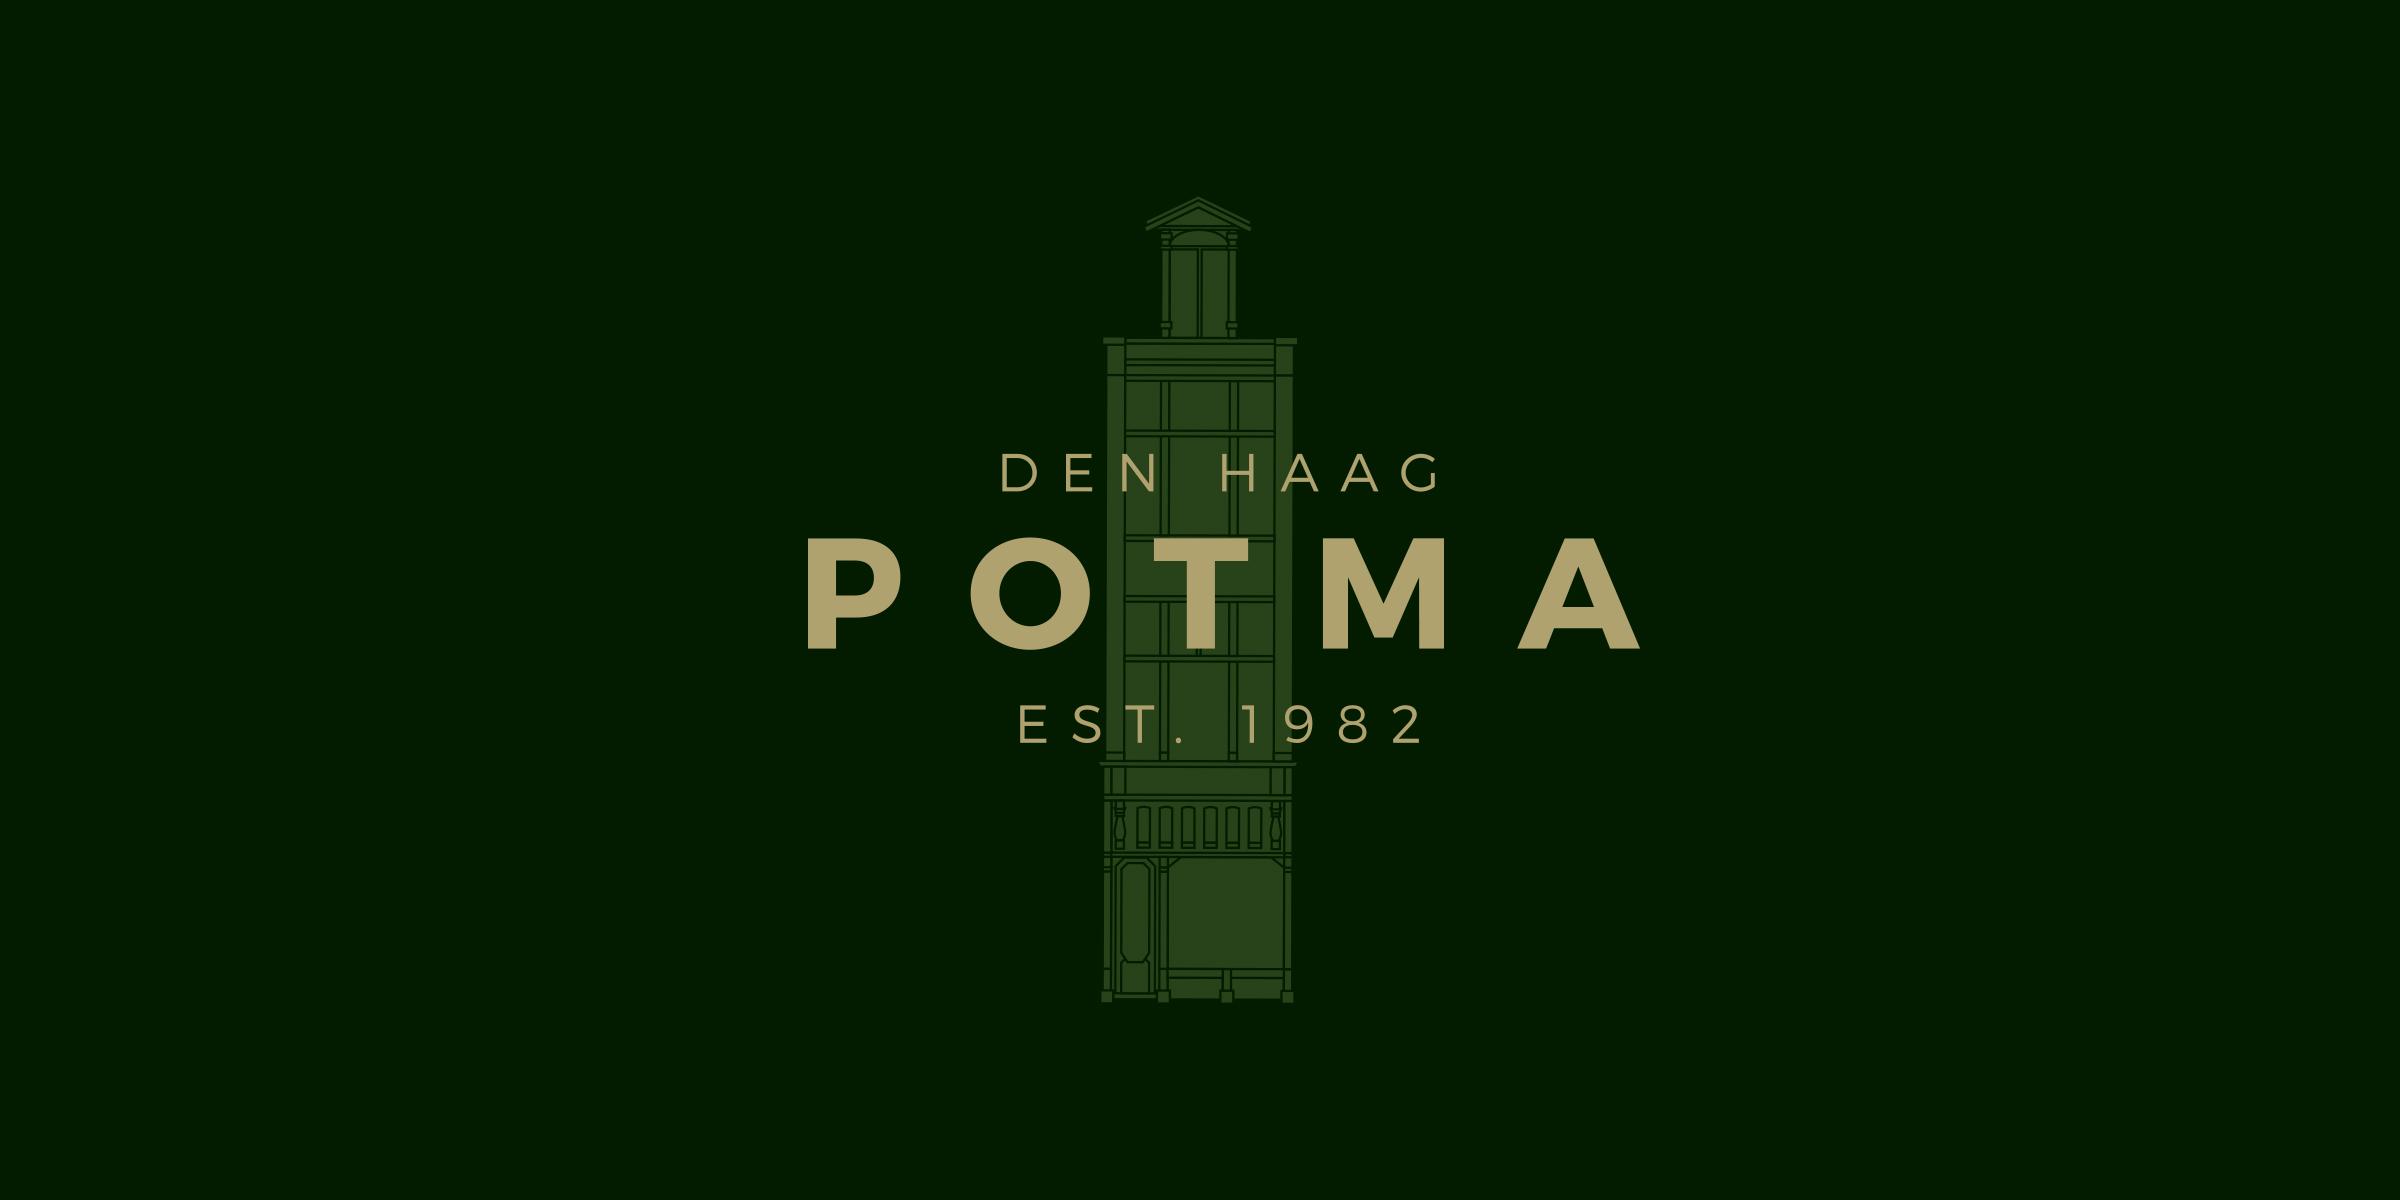 01. Potma-logo-Sebastiaan-Werkendam